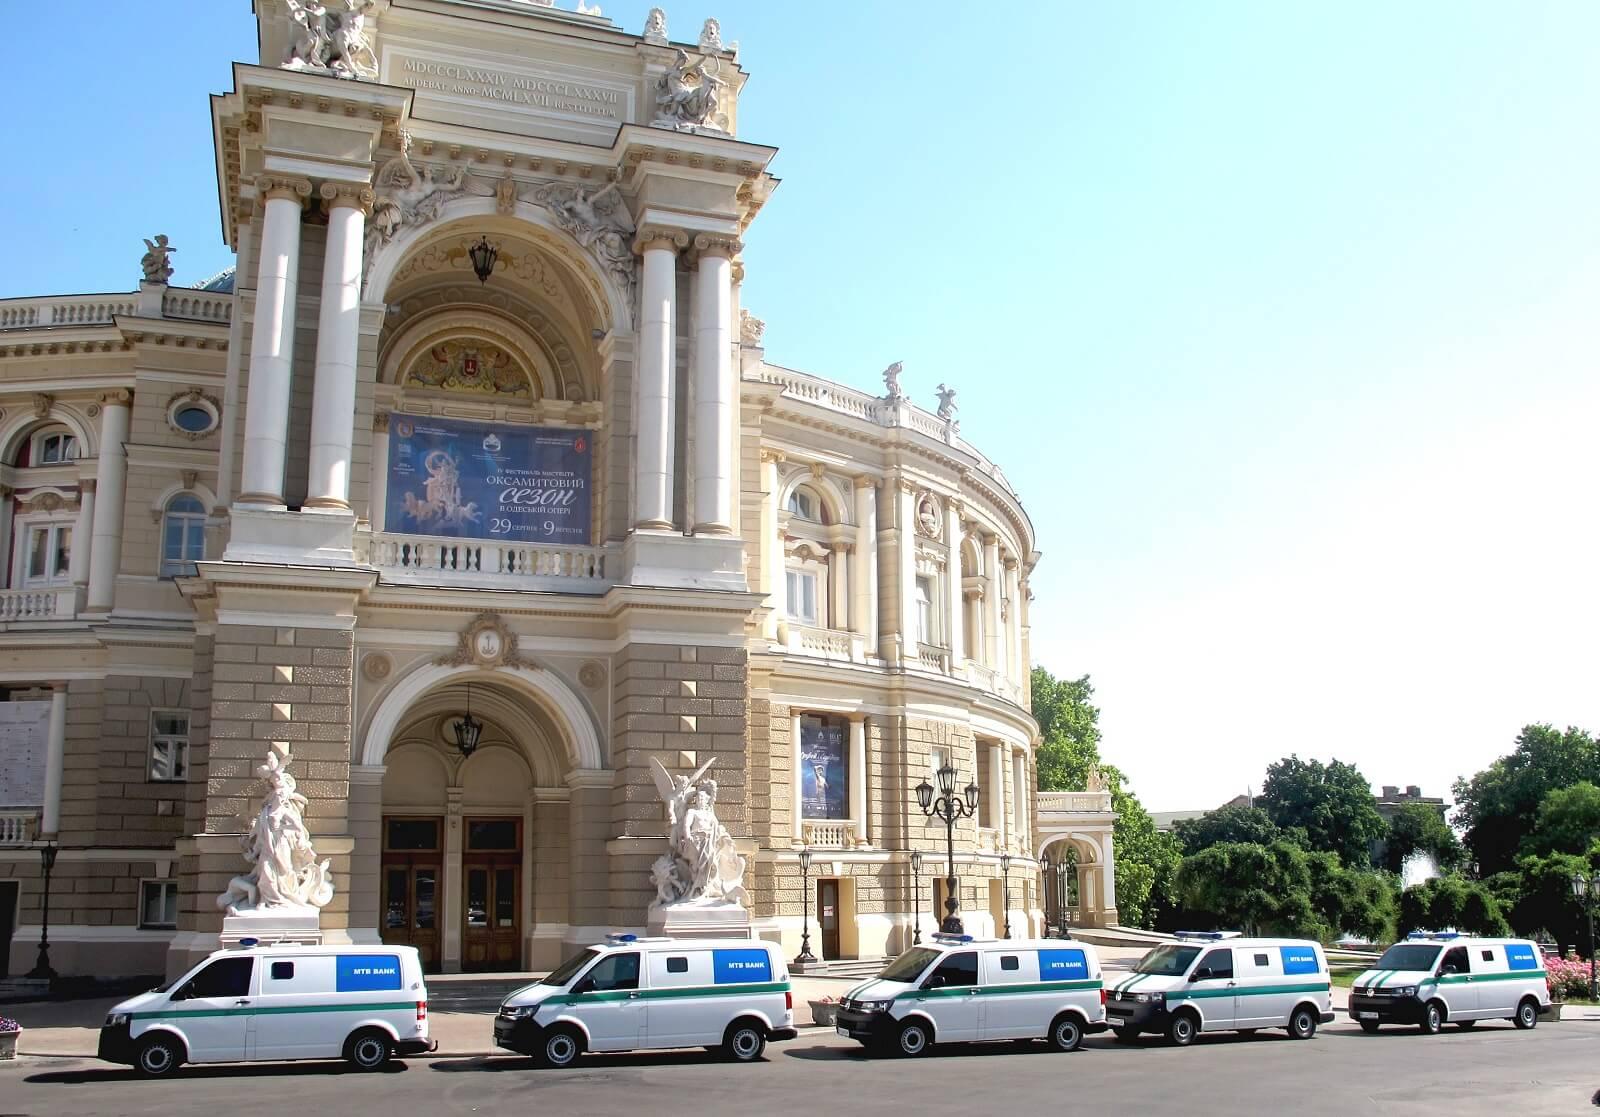 Інкасація з МТБ БАНКом - це запорука безпеки! - фото - mtb.ua